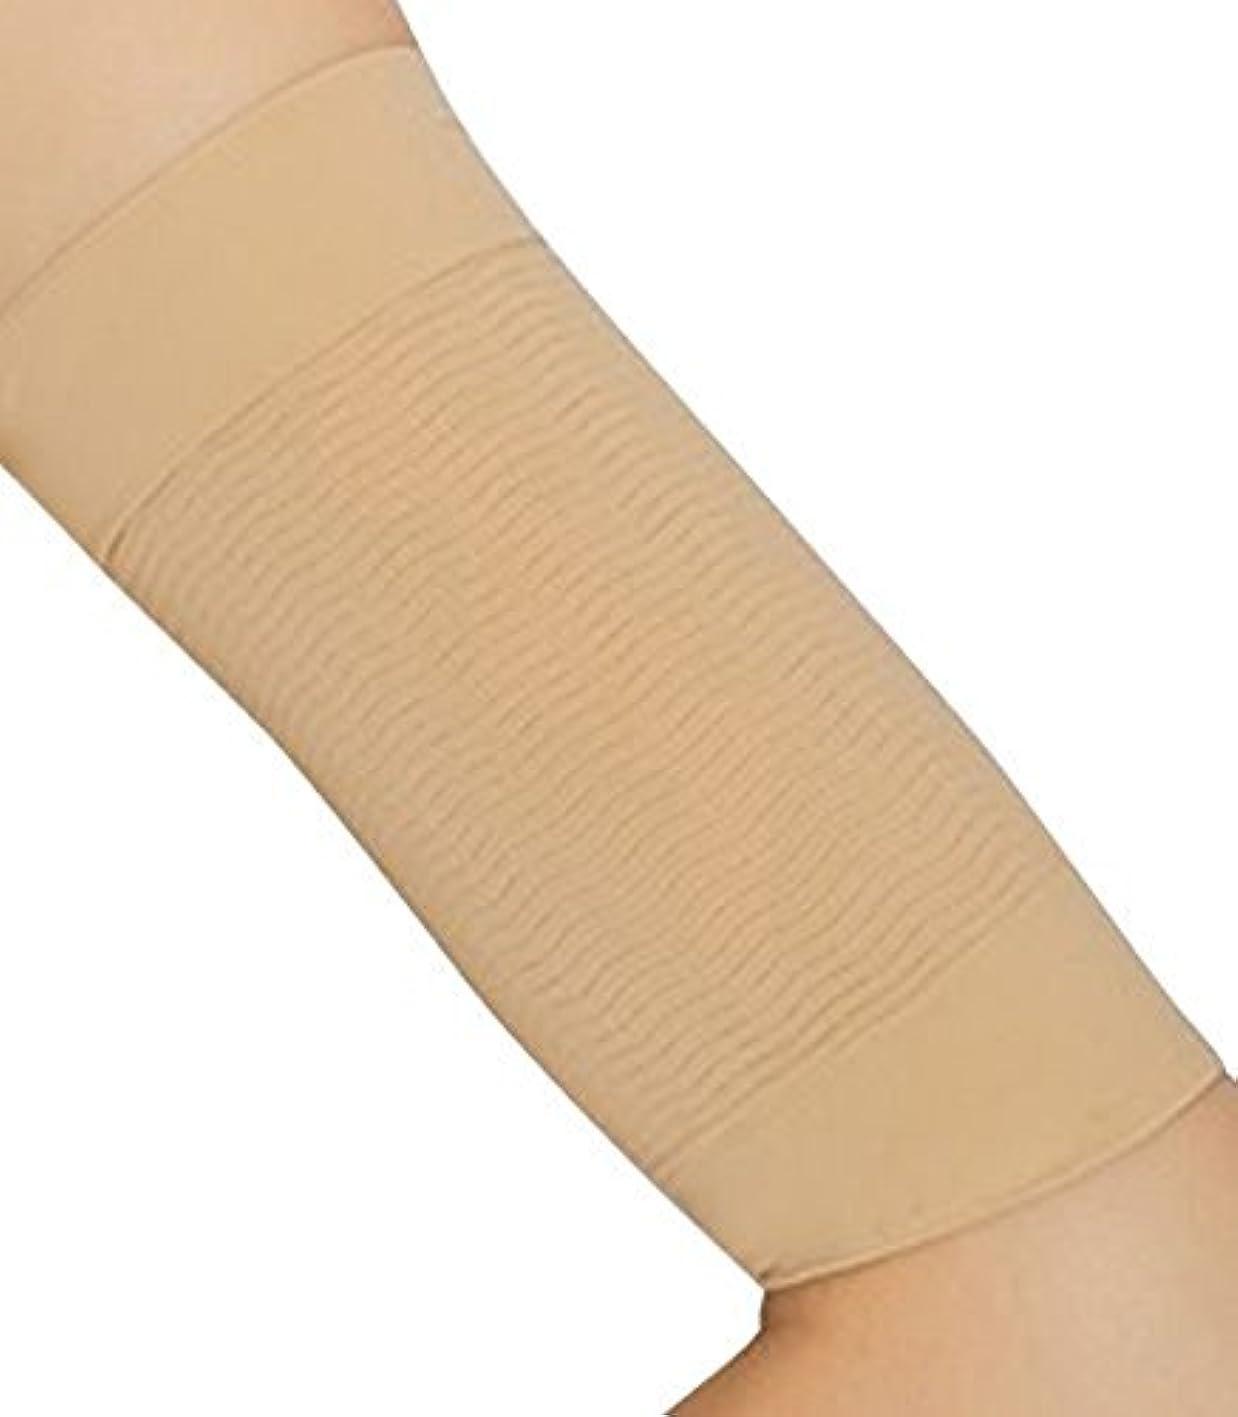 緩める受益者歌詞CREPUSCOLO 二の腕引き締め! 二の腕シェイパー 二の腕 引き締め 二の腕痩せ ダイエット 二の腕ダイエット インナー シェイプアップ 脂肪燃焼 セルライト 加圧下着 (ベージュ)